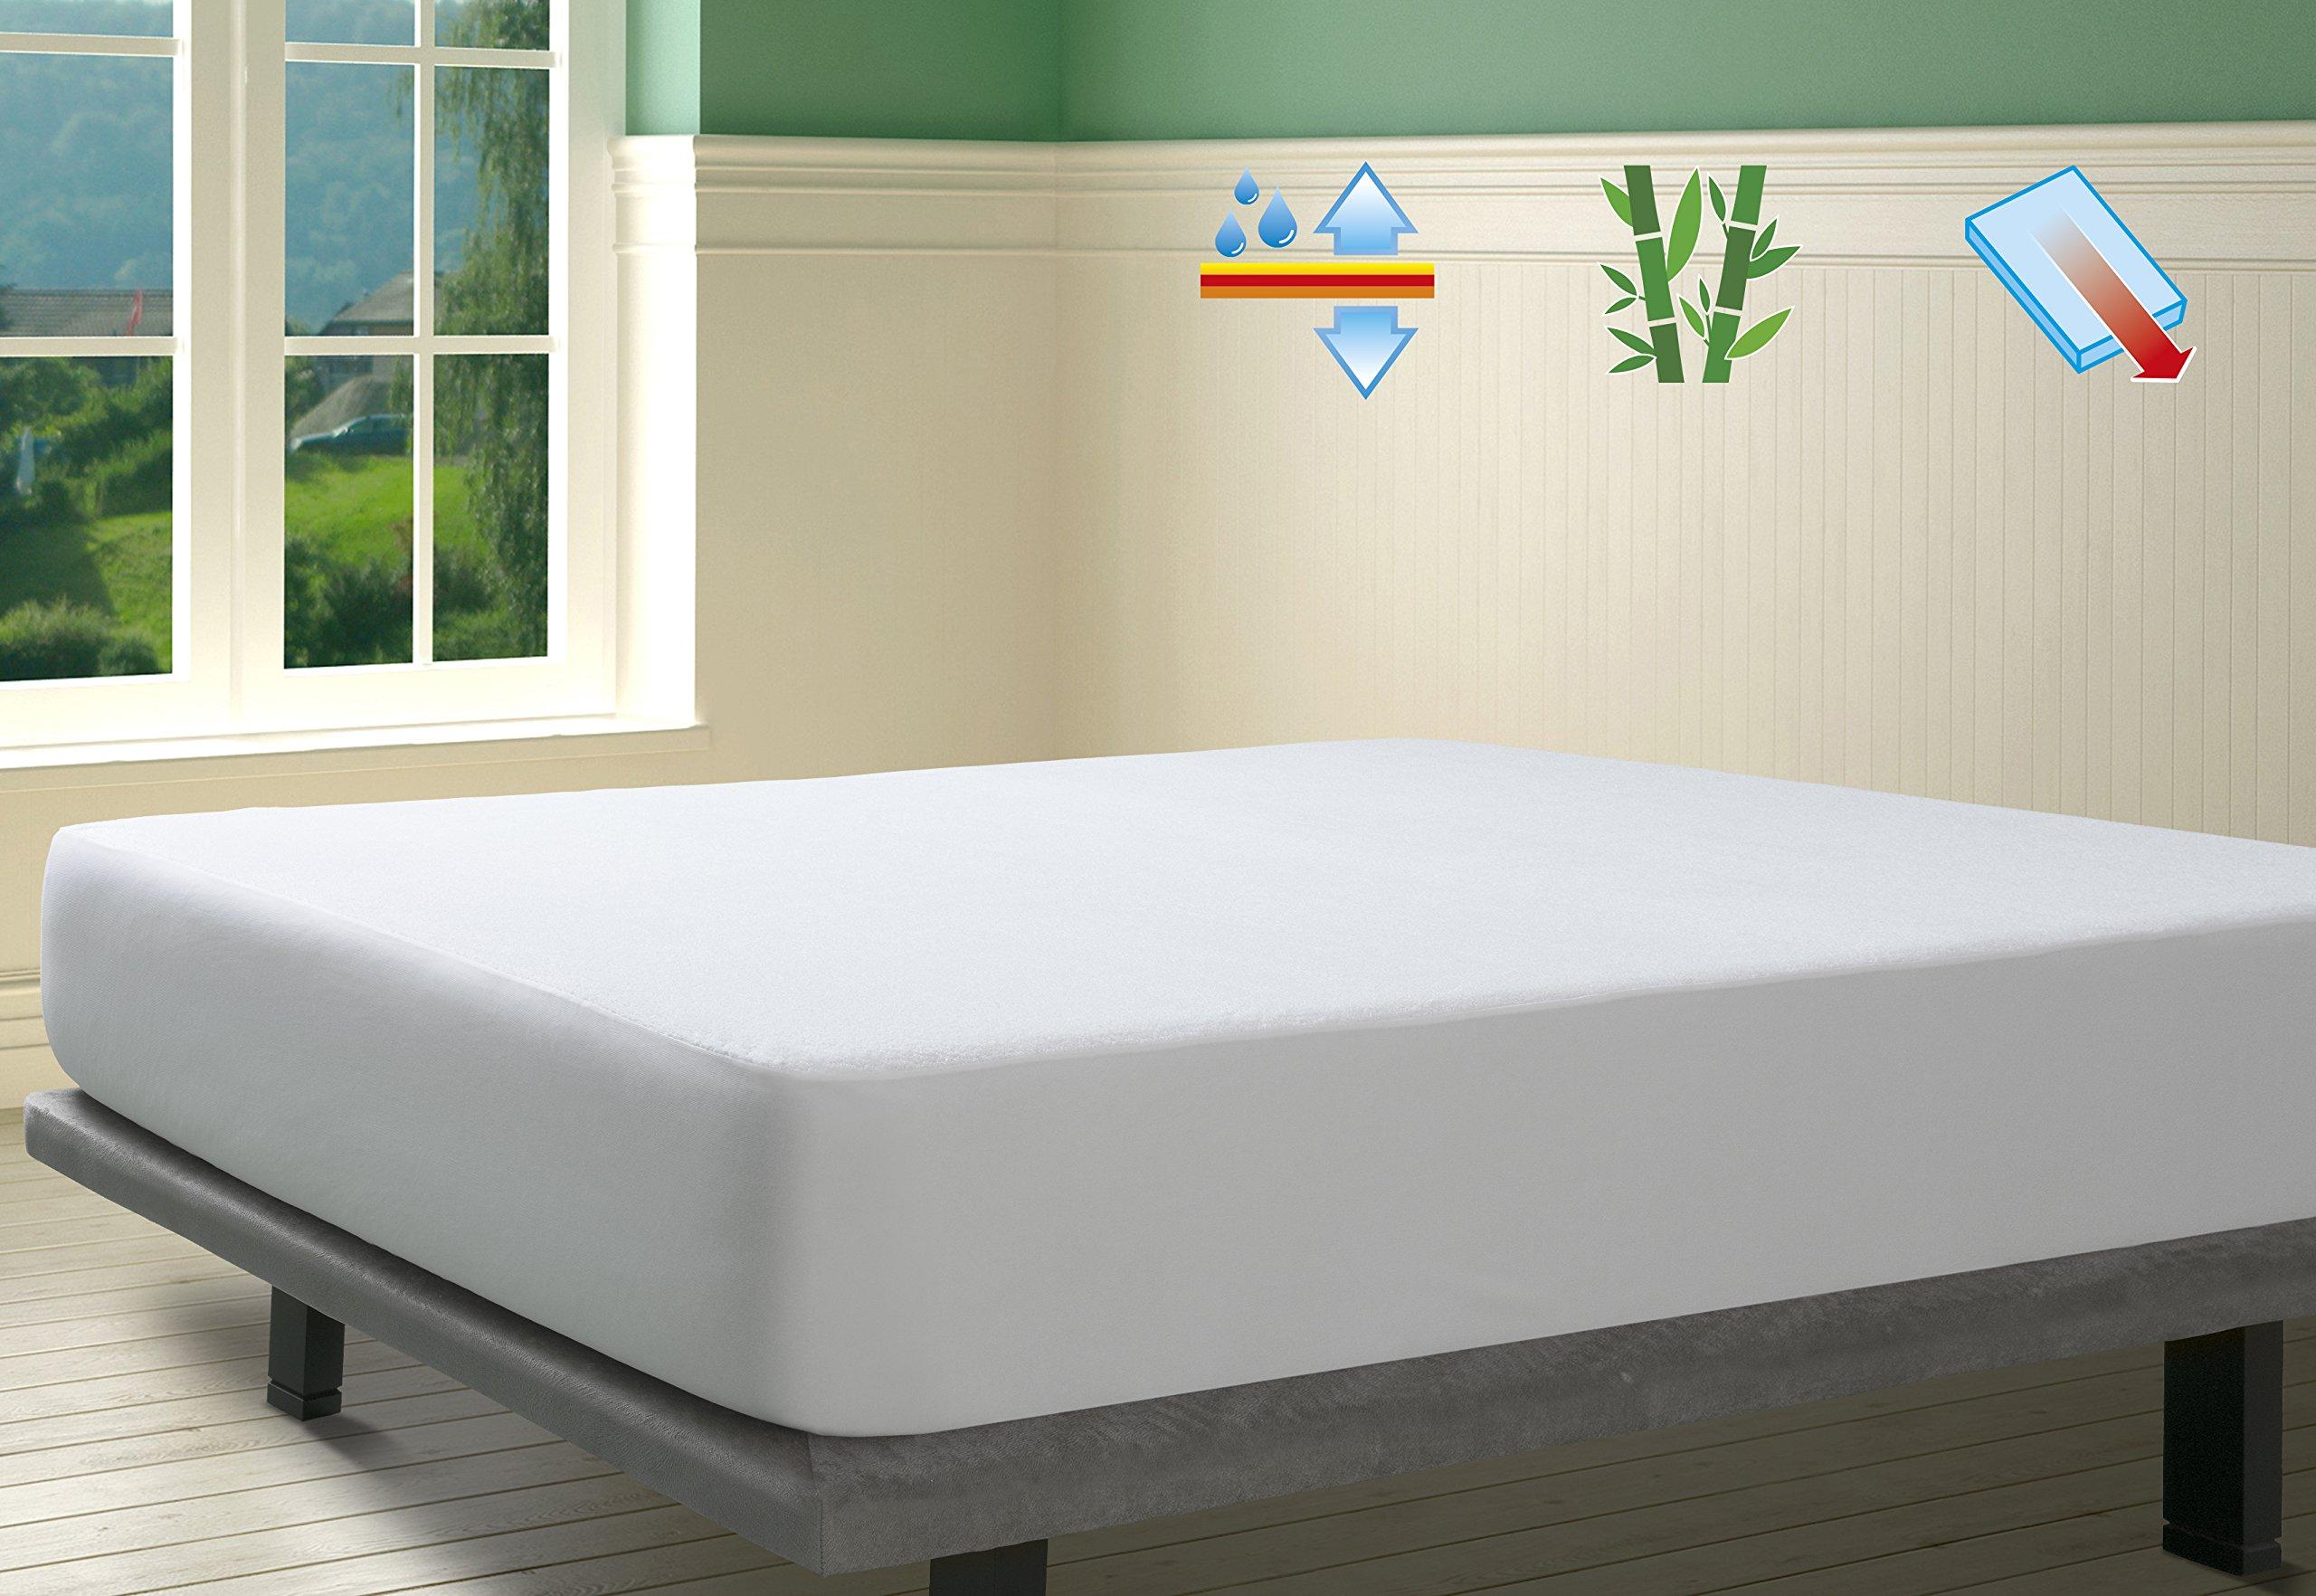 SAVEL, Protector de colchón Rizo 100% Bambú Impermeable y Transpirable, 180x190/200cm